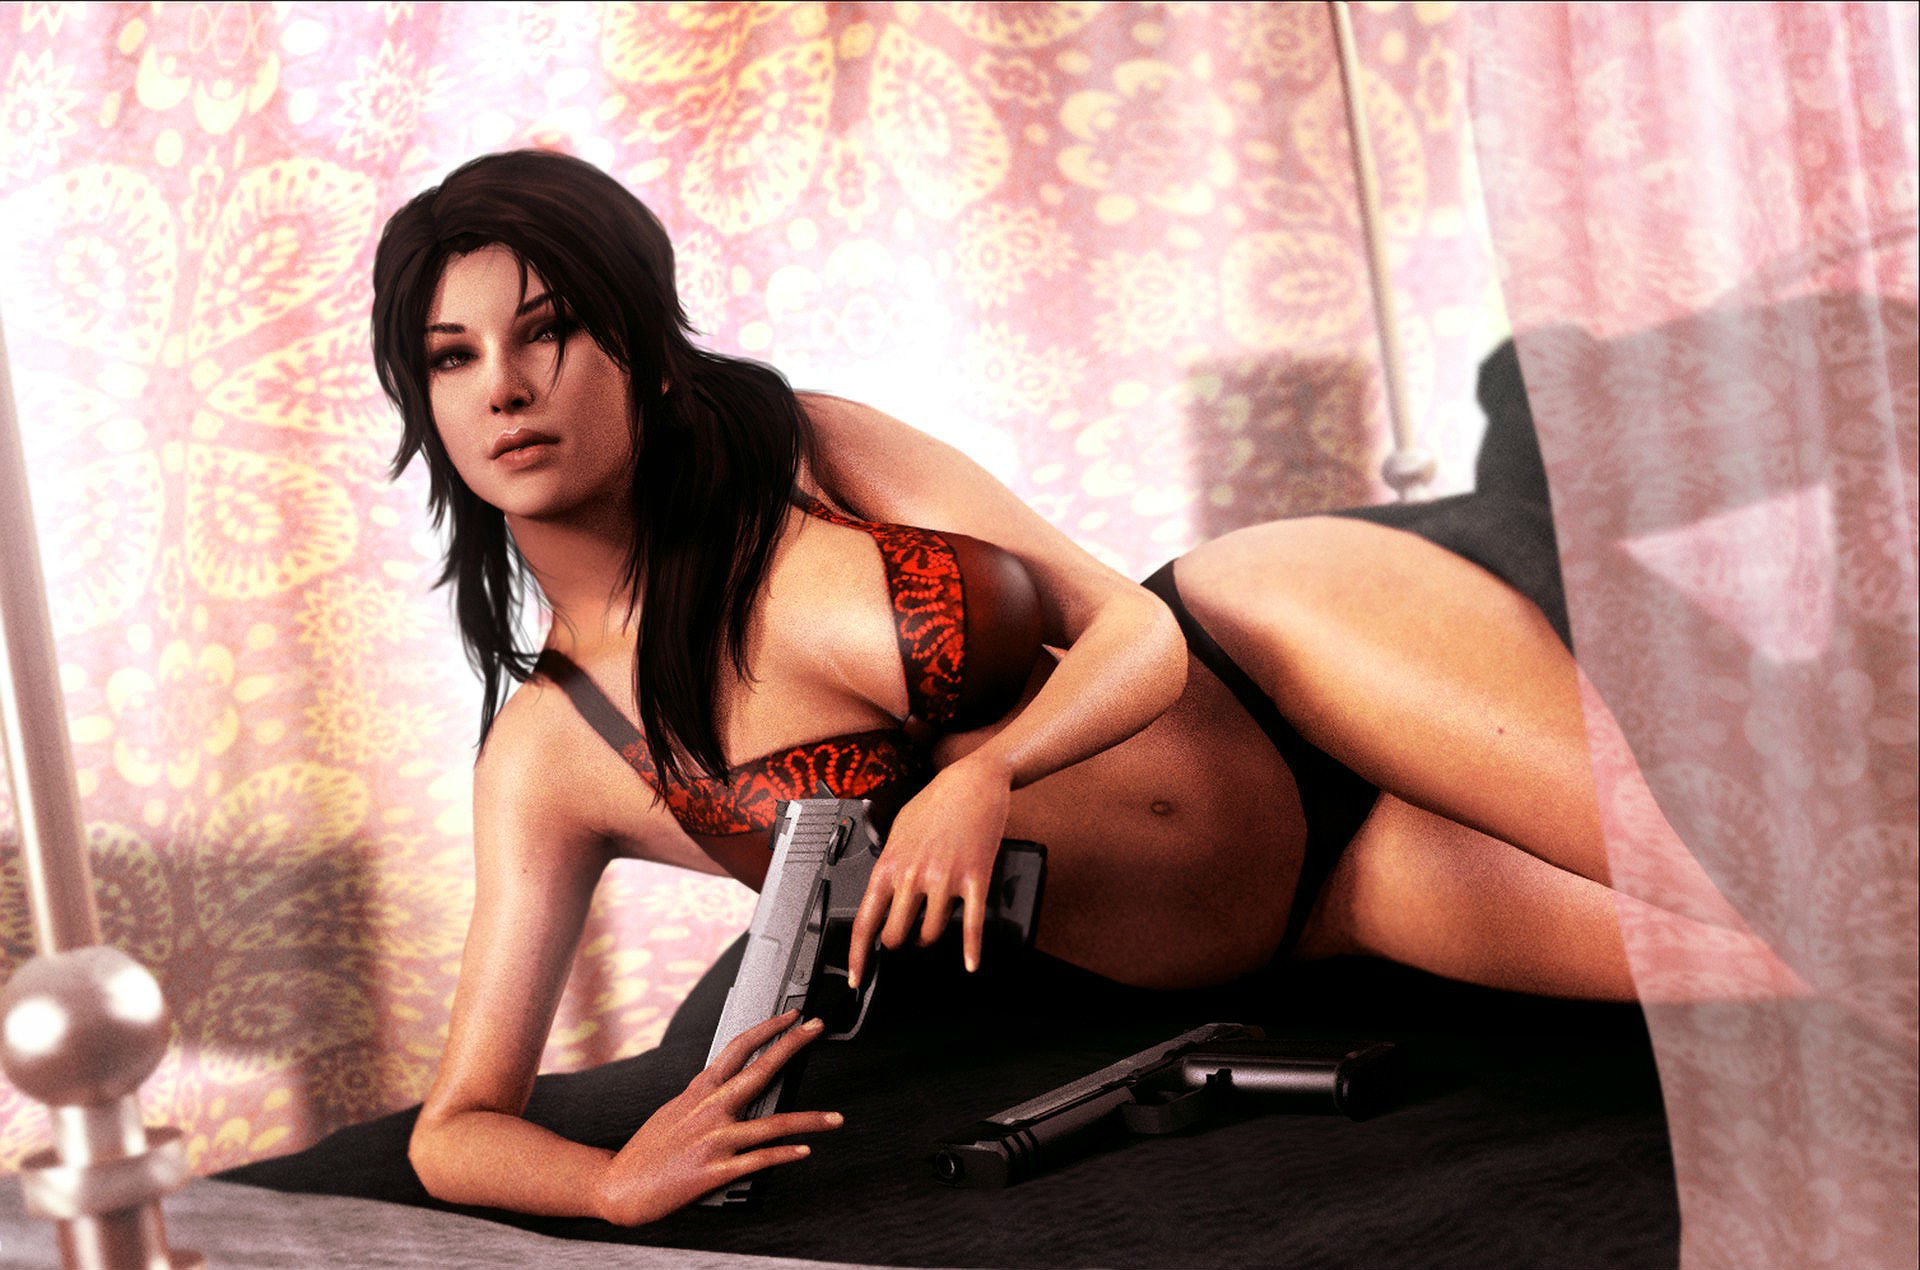 Голых советских фото самые сексуальные девушки из компьютерных игр видео смотреть